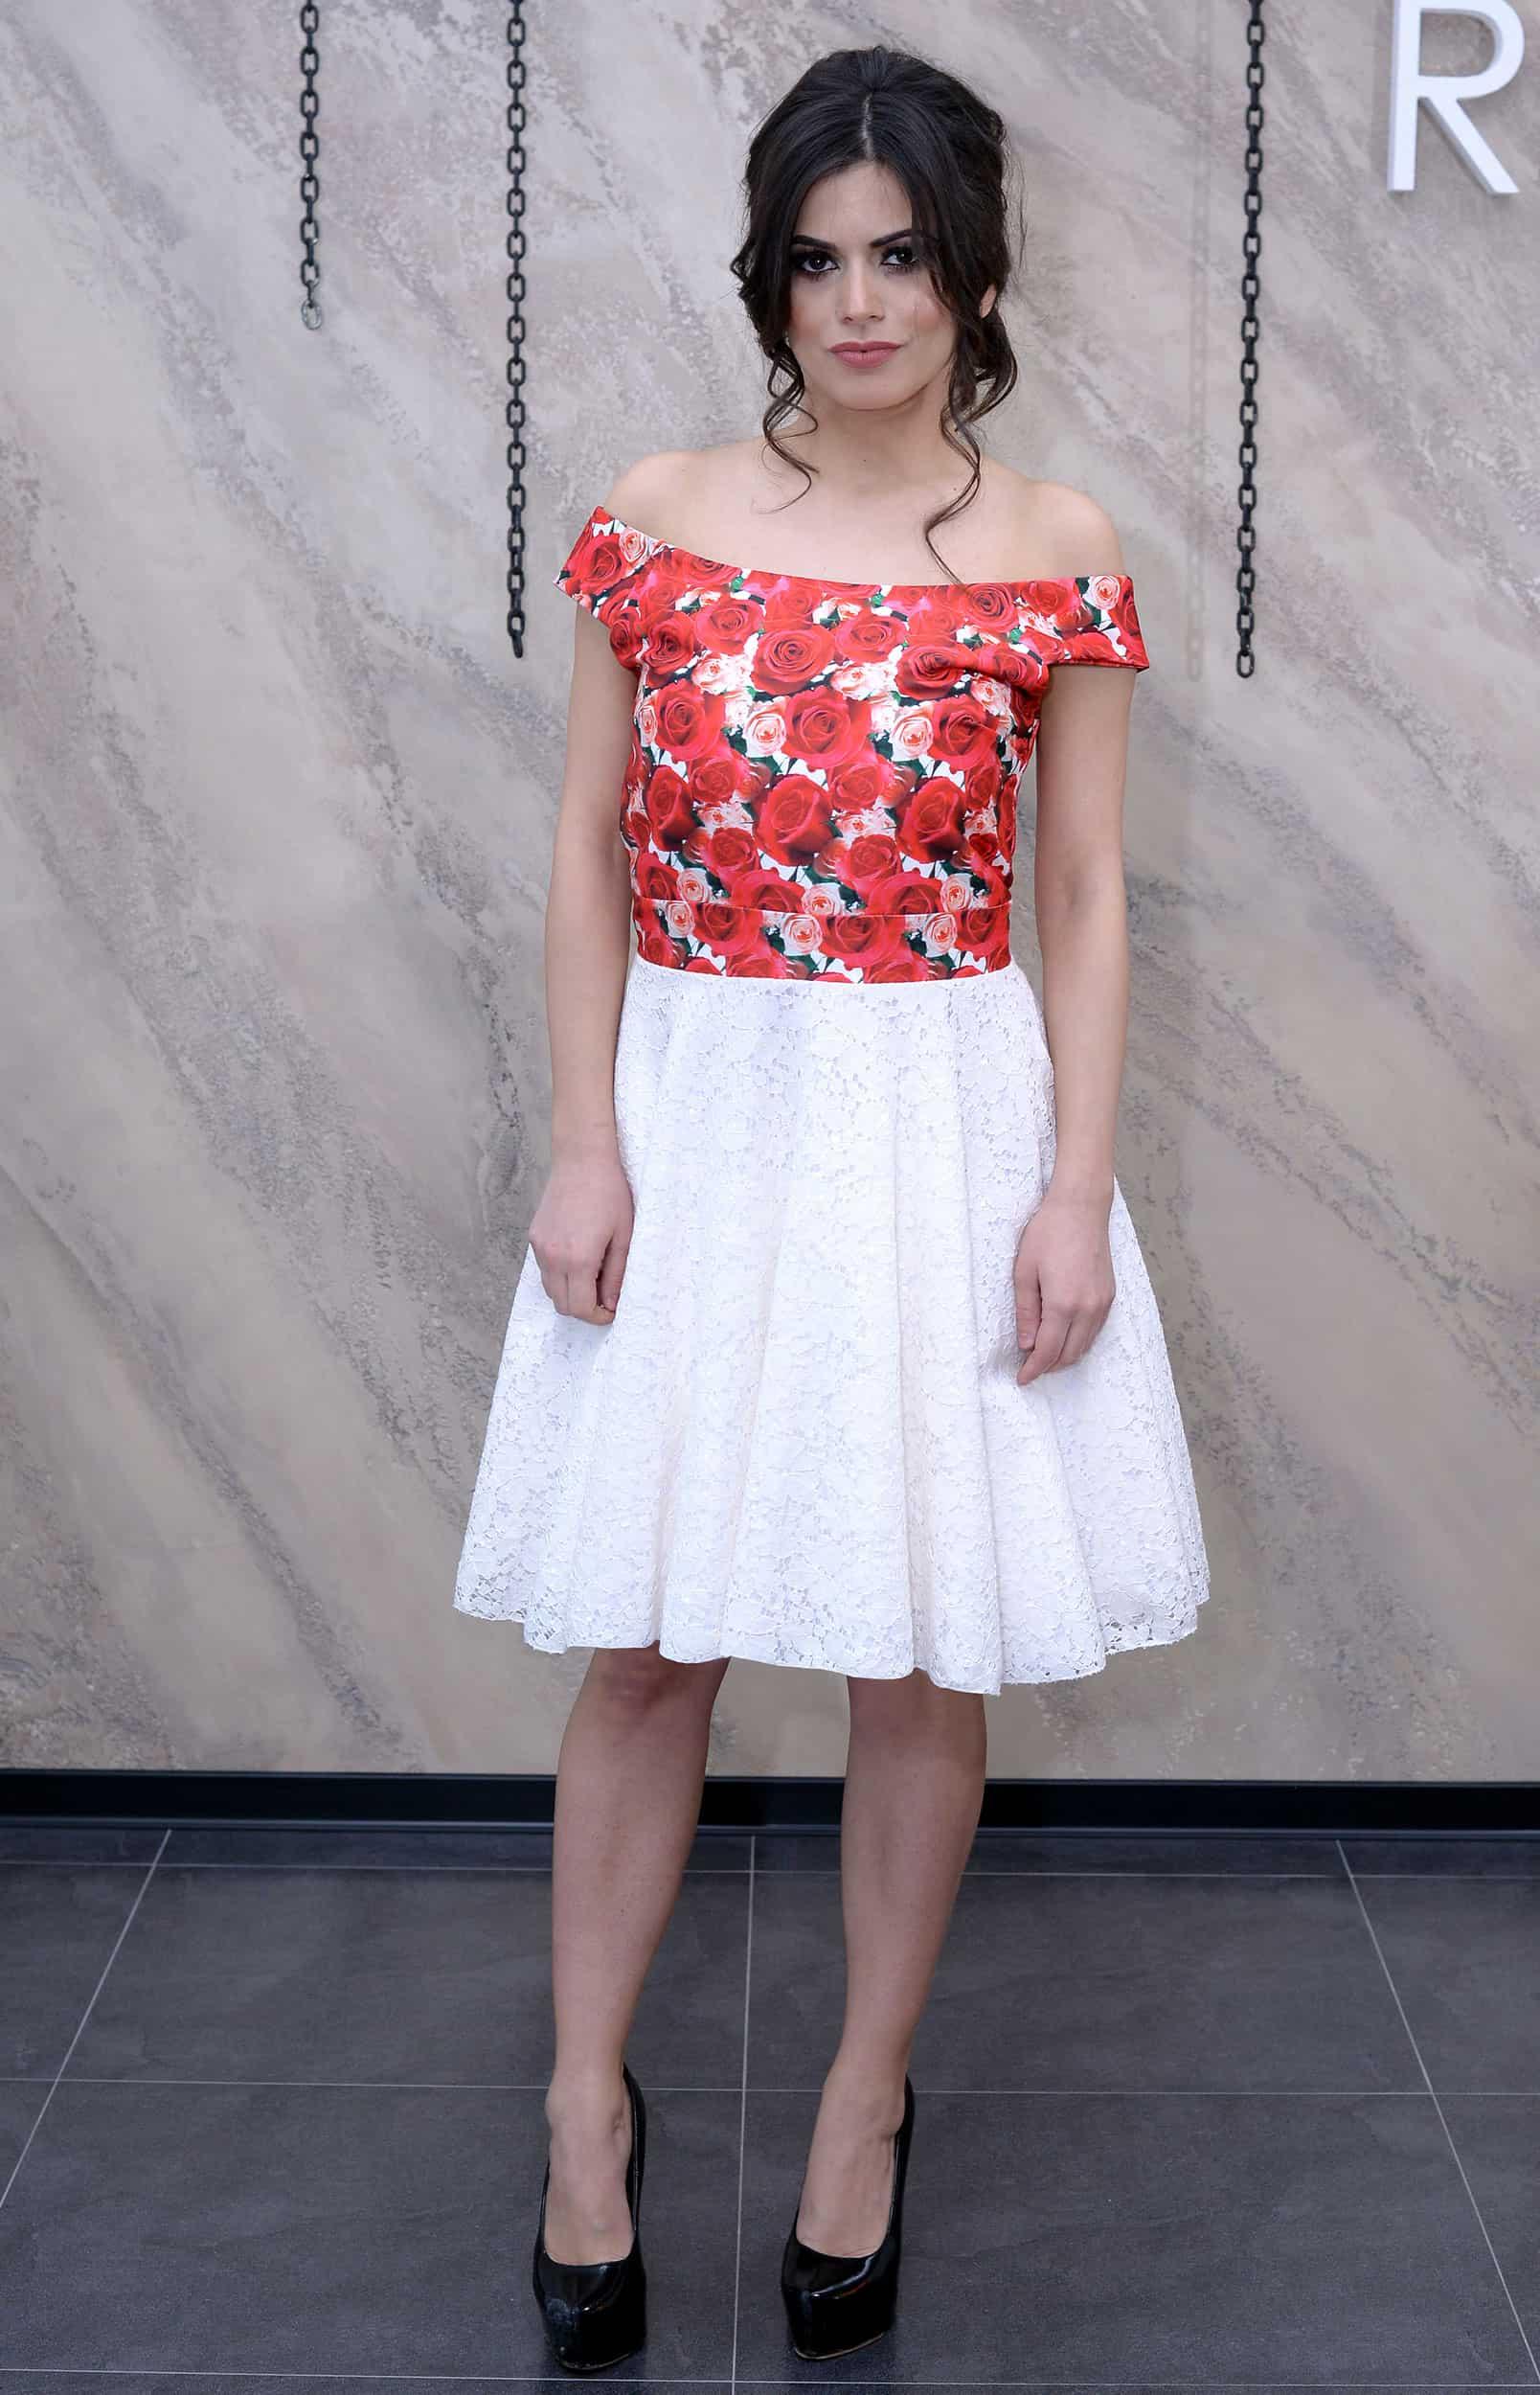 Iznajmljivanje haljina Nis - Cache Oh Valencia - Rent A Dress Nis